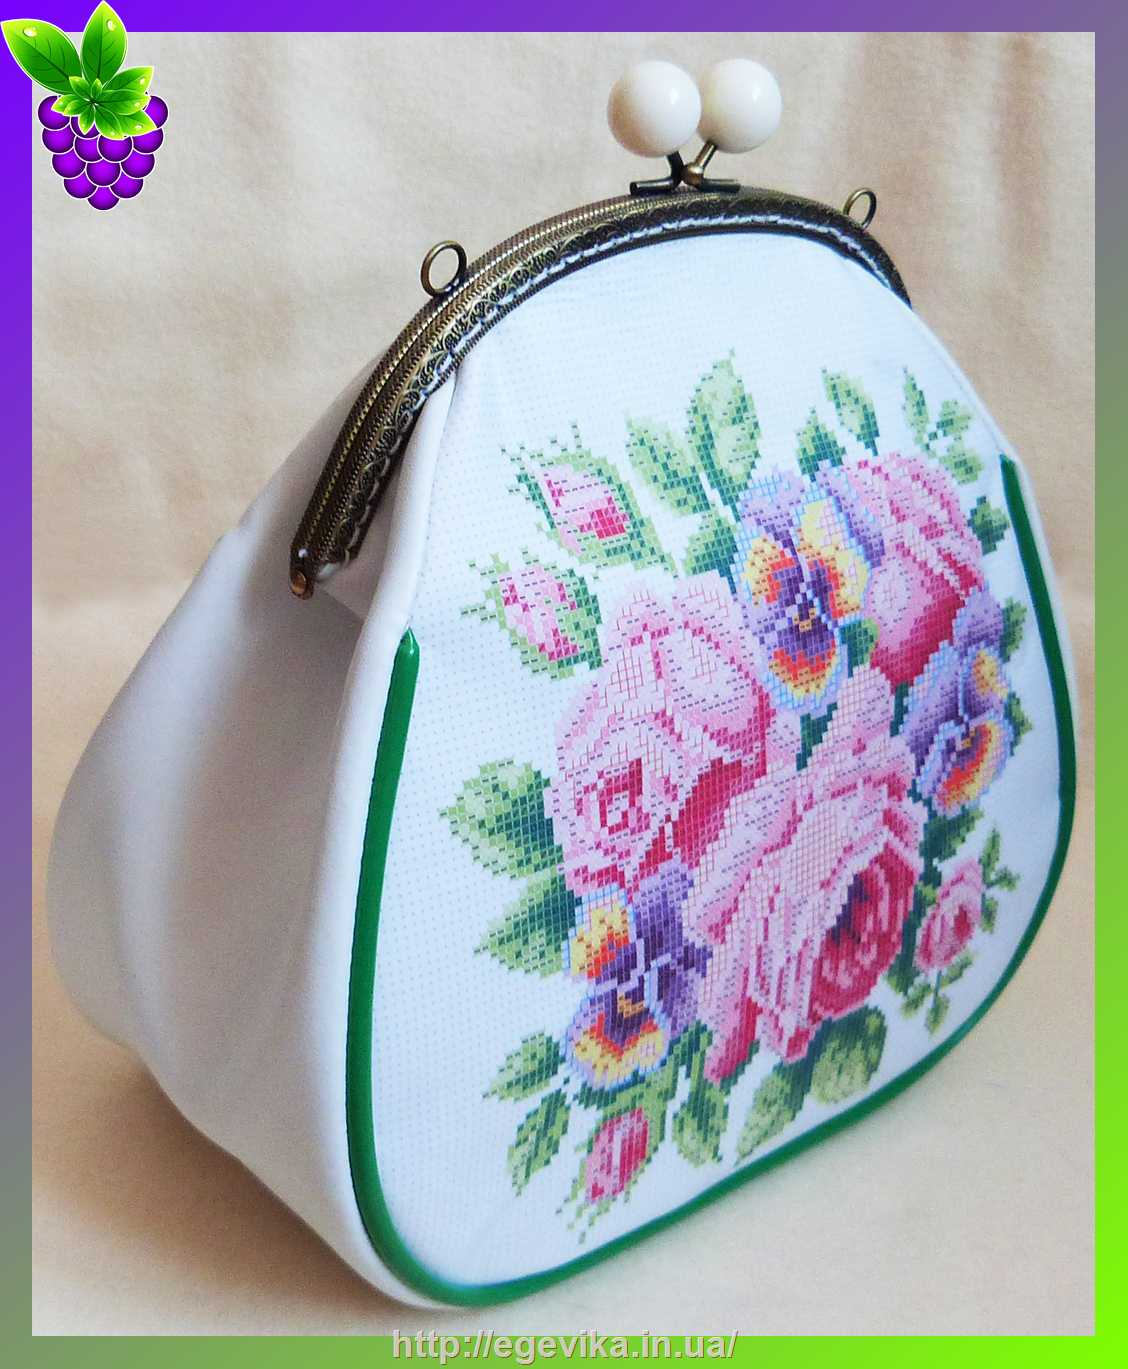 Заготовки вышивки сумок бисером 74